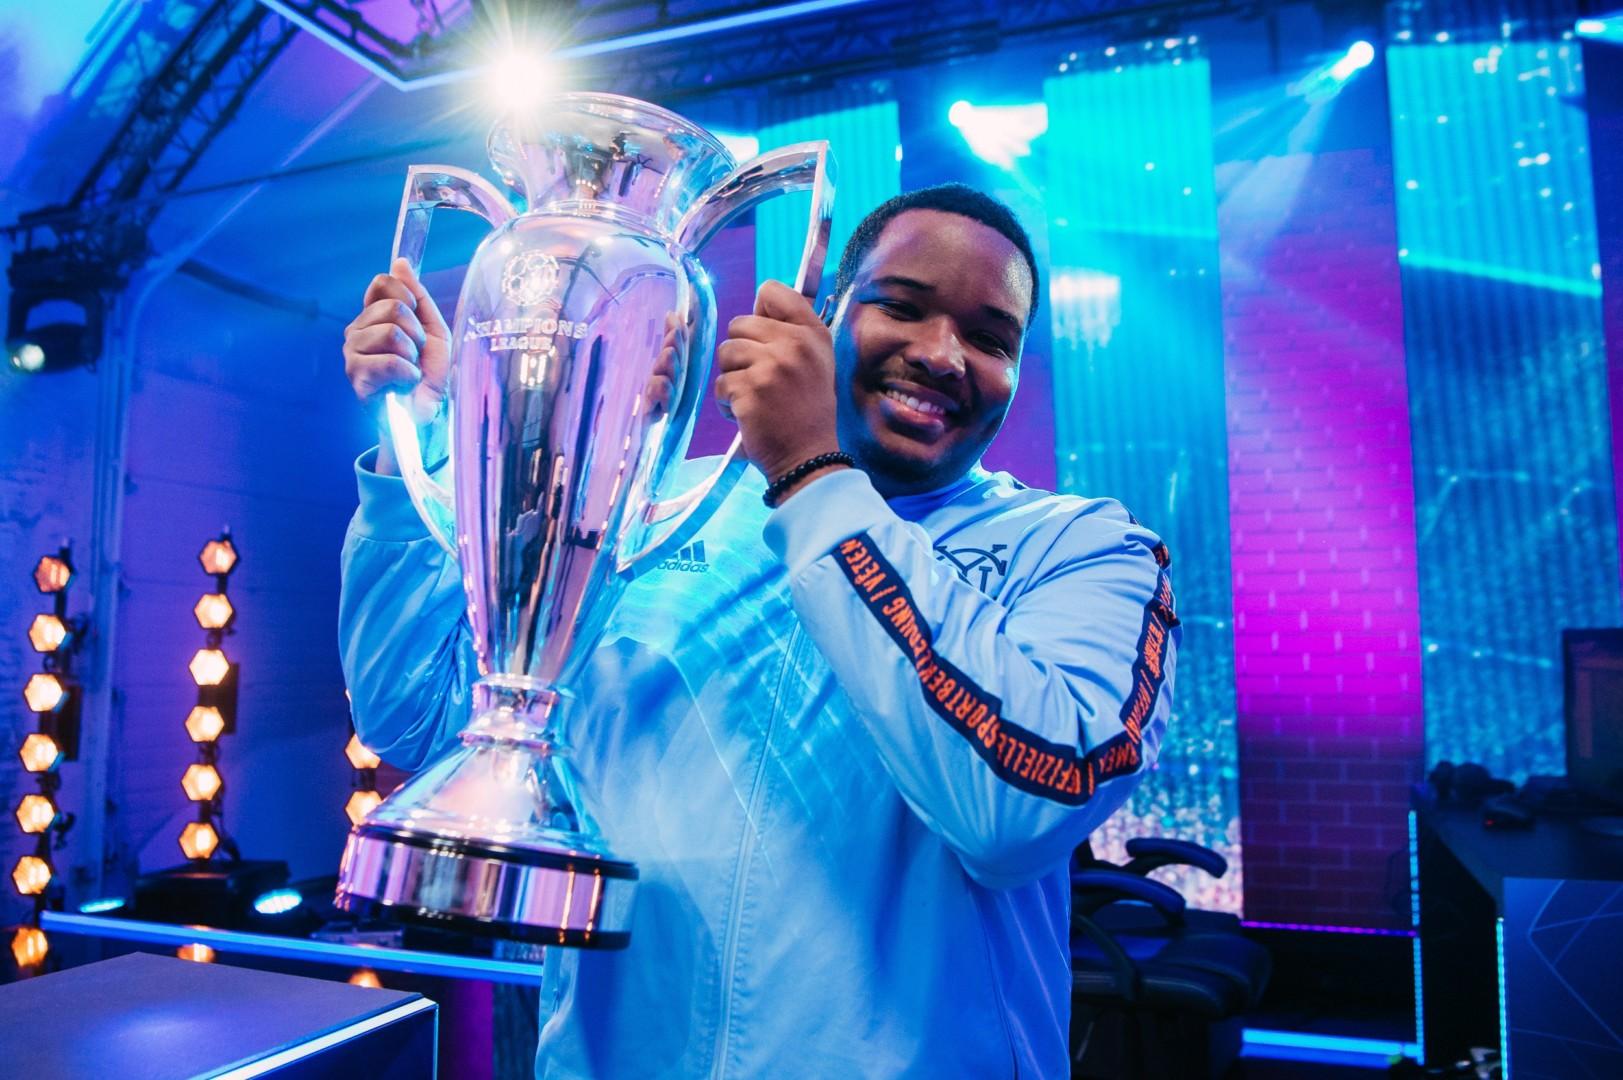 [FINAL] NYC_Cris es el primer campeón de la eChampions League de FIFA 19